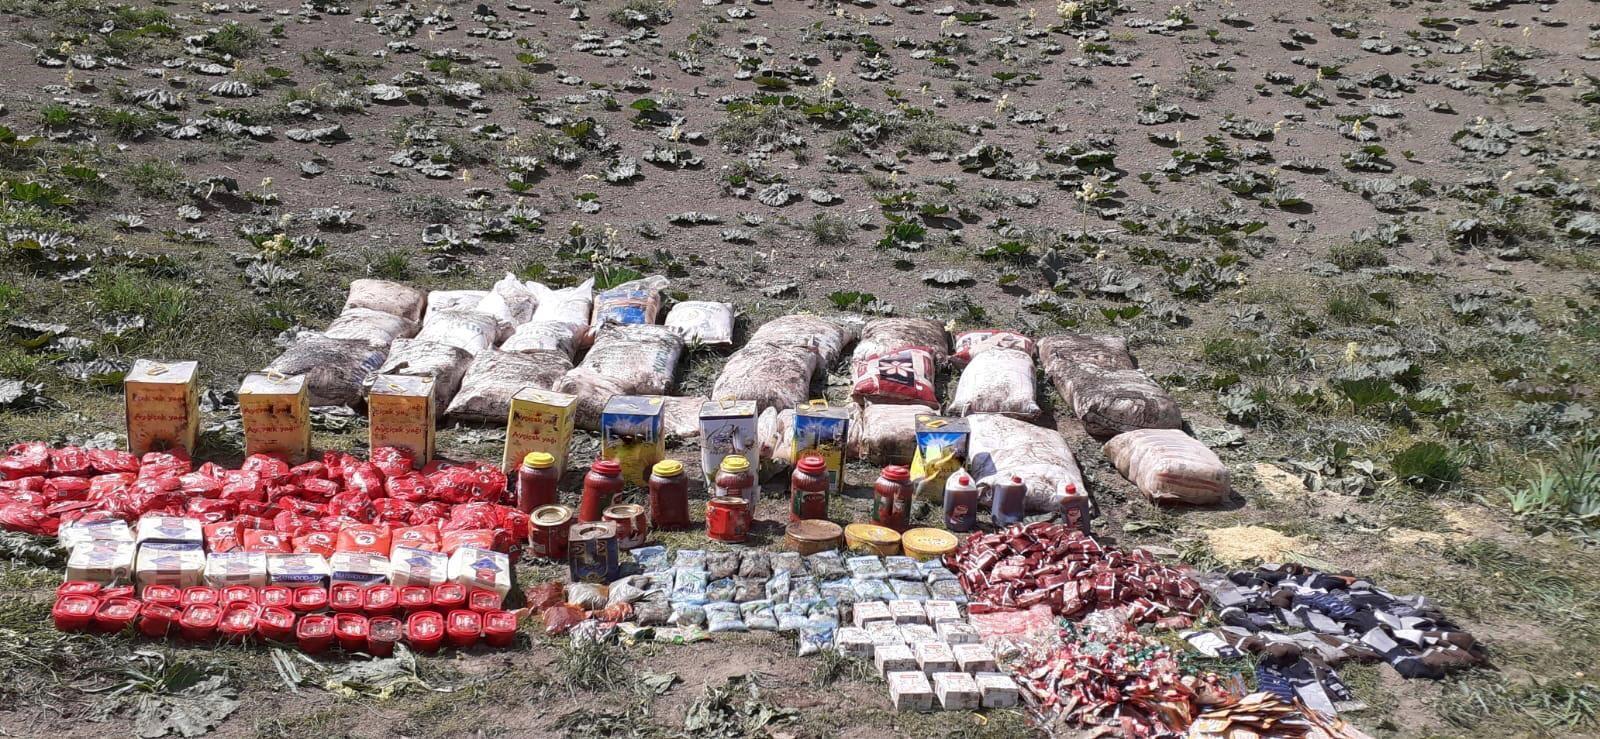 Van'da PKK/KCK terör örgütü operasyonunda 5,5 ton tahıl ve kuru bakliyat ele geçirildi